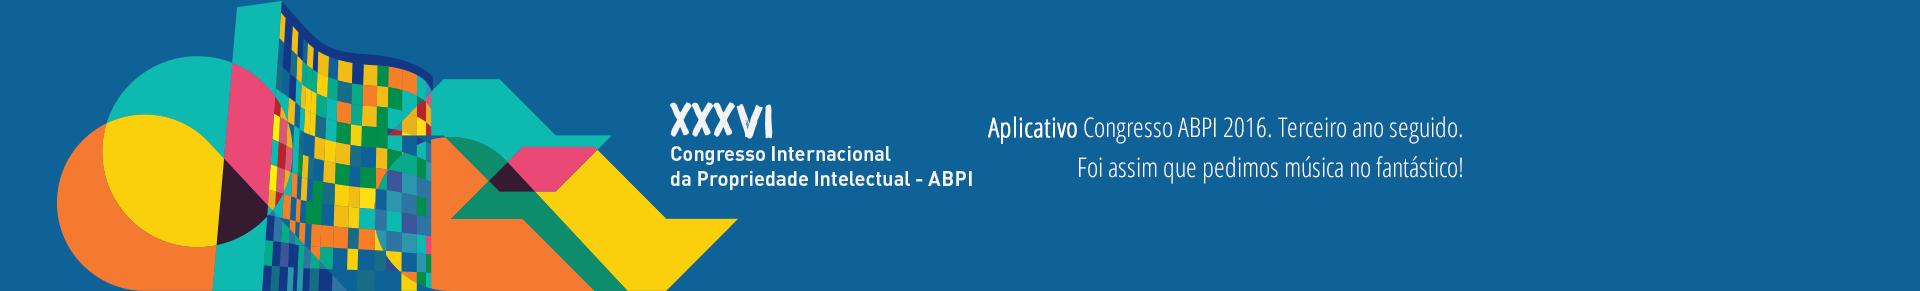 Aplicativo Confresso ABPI 2016. Terceiro ano seguido.